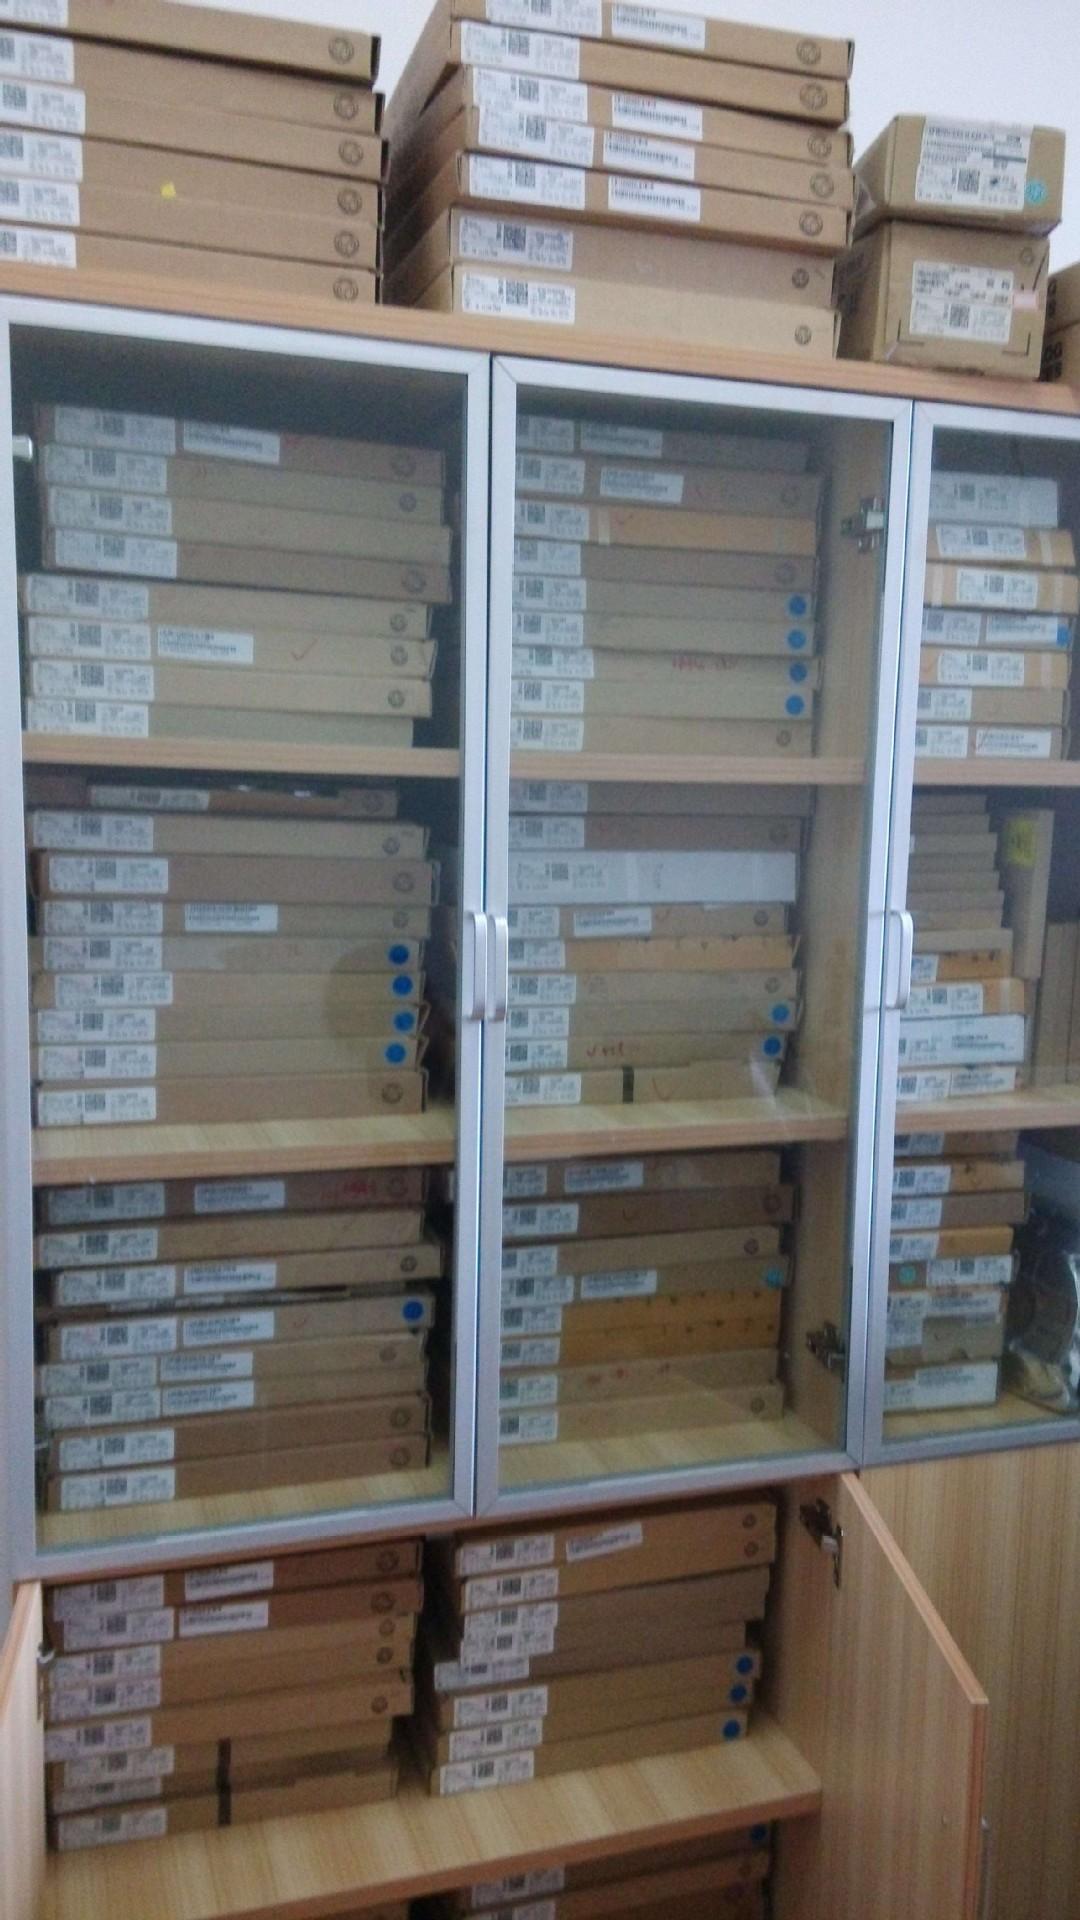 原装现货RENESAS品牌嵌入式微控制器 R5F211专业IC 二三极管配单